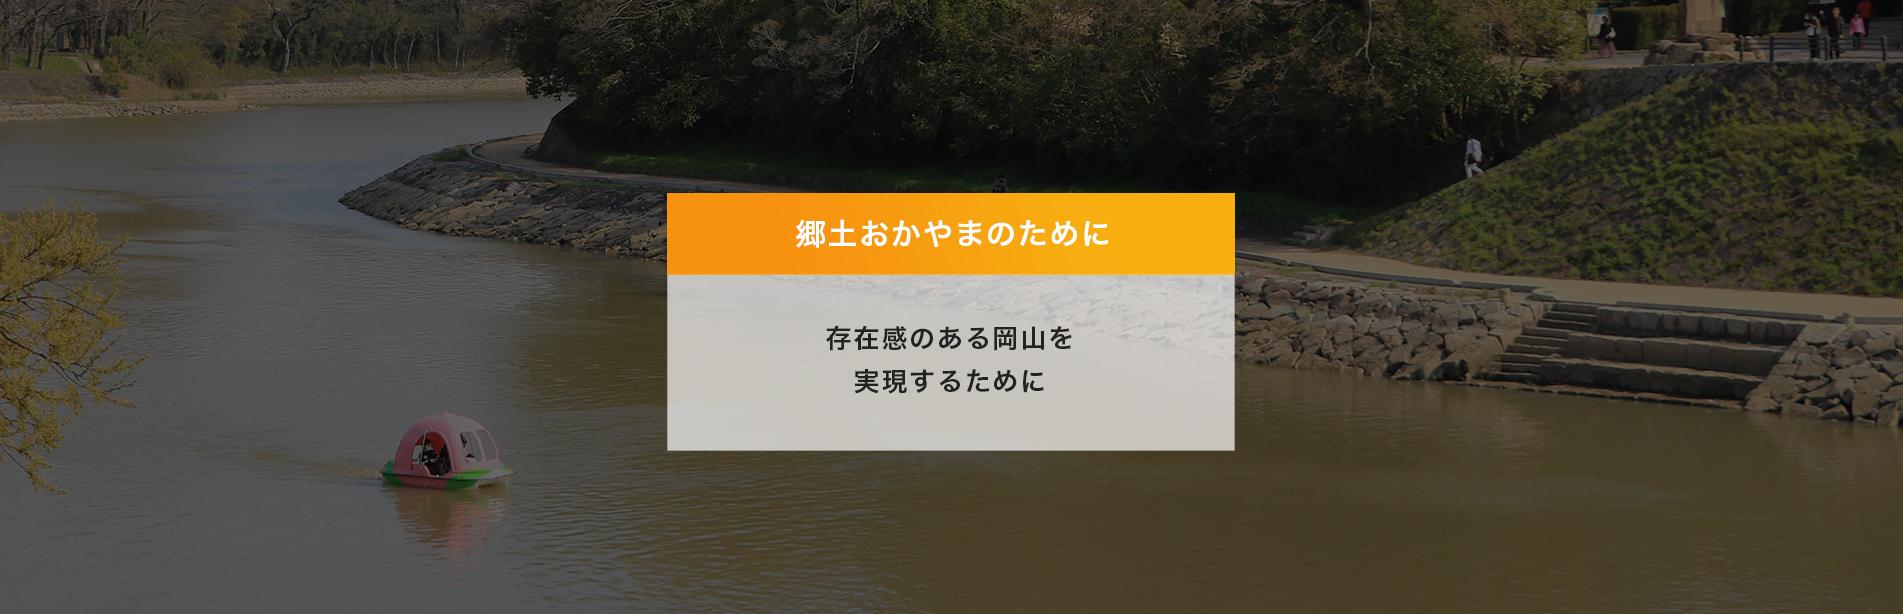 郷土おかやまのために 存在感のある岡山を実現するために